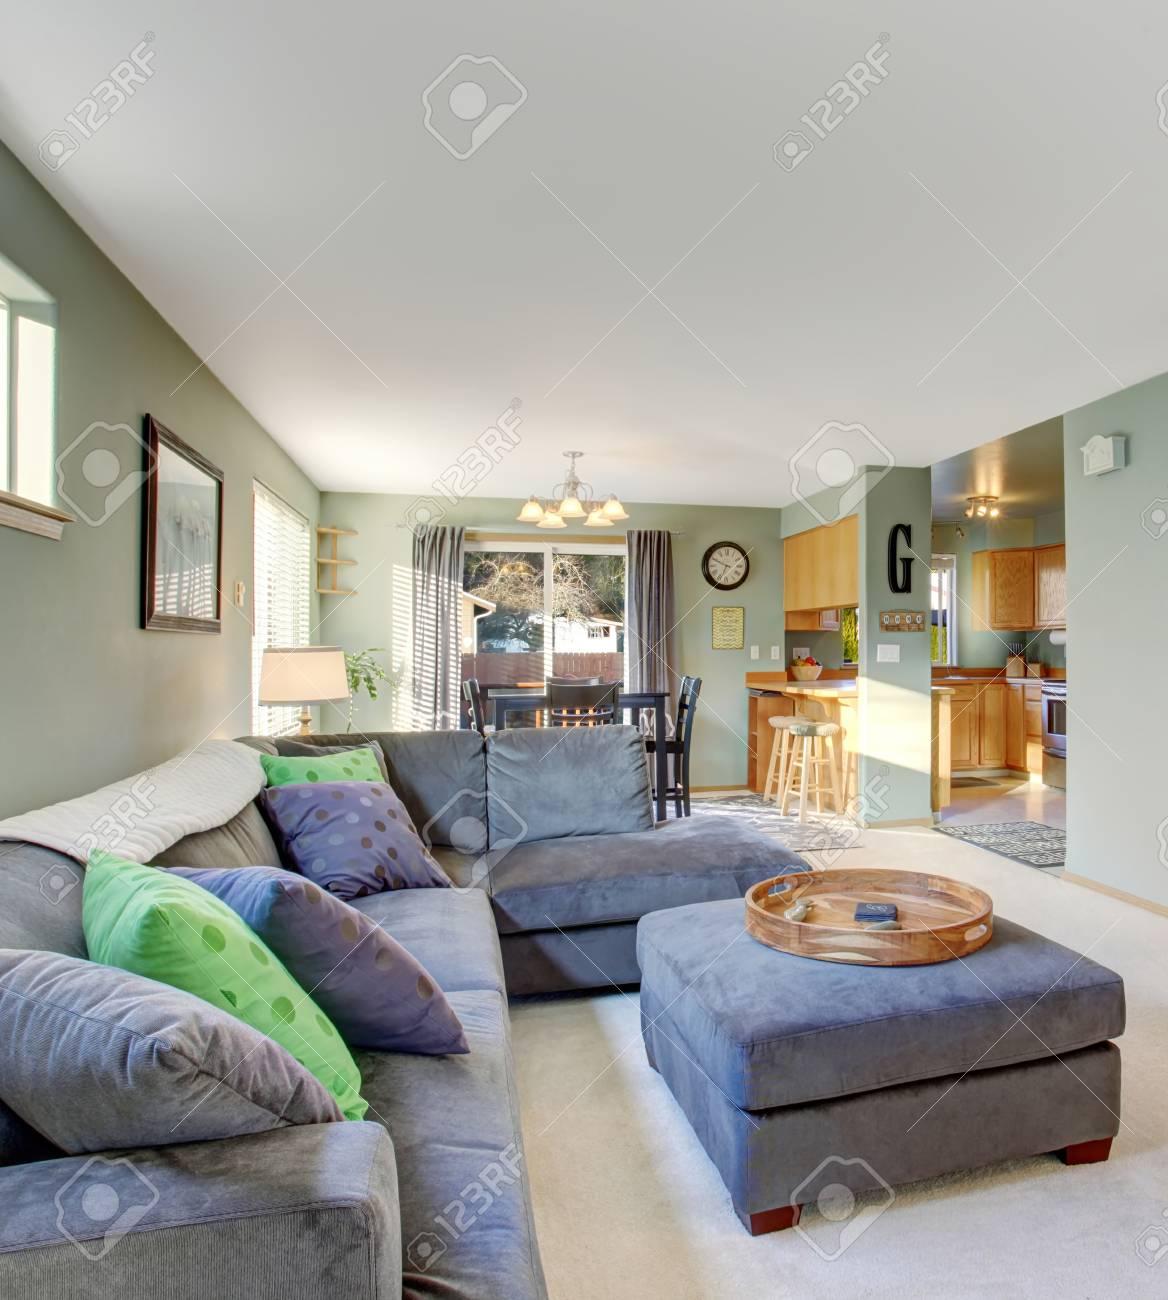 Klassisches Wohnzimmer Mit Teppichboden, Grau Möbel Und Kühle ...